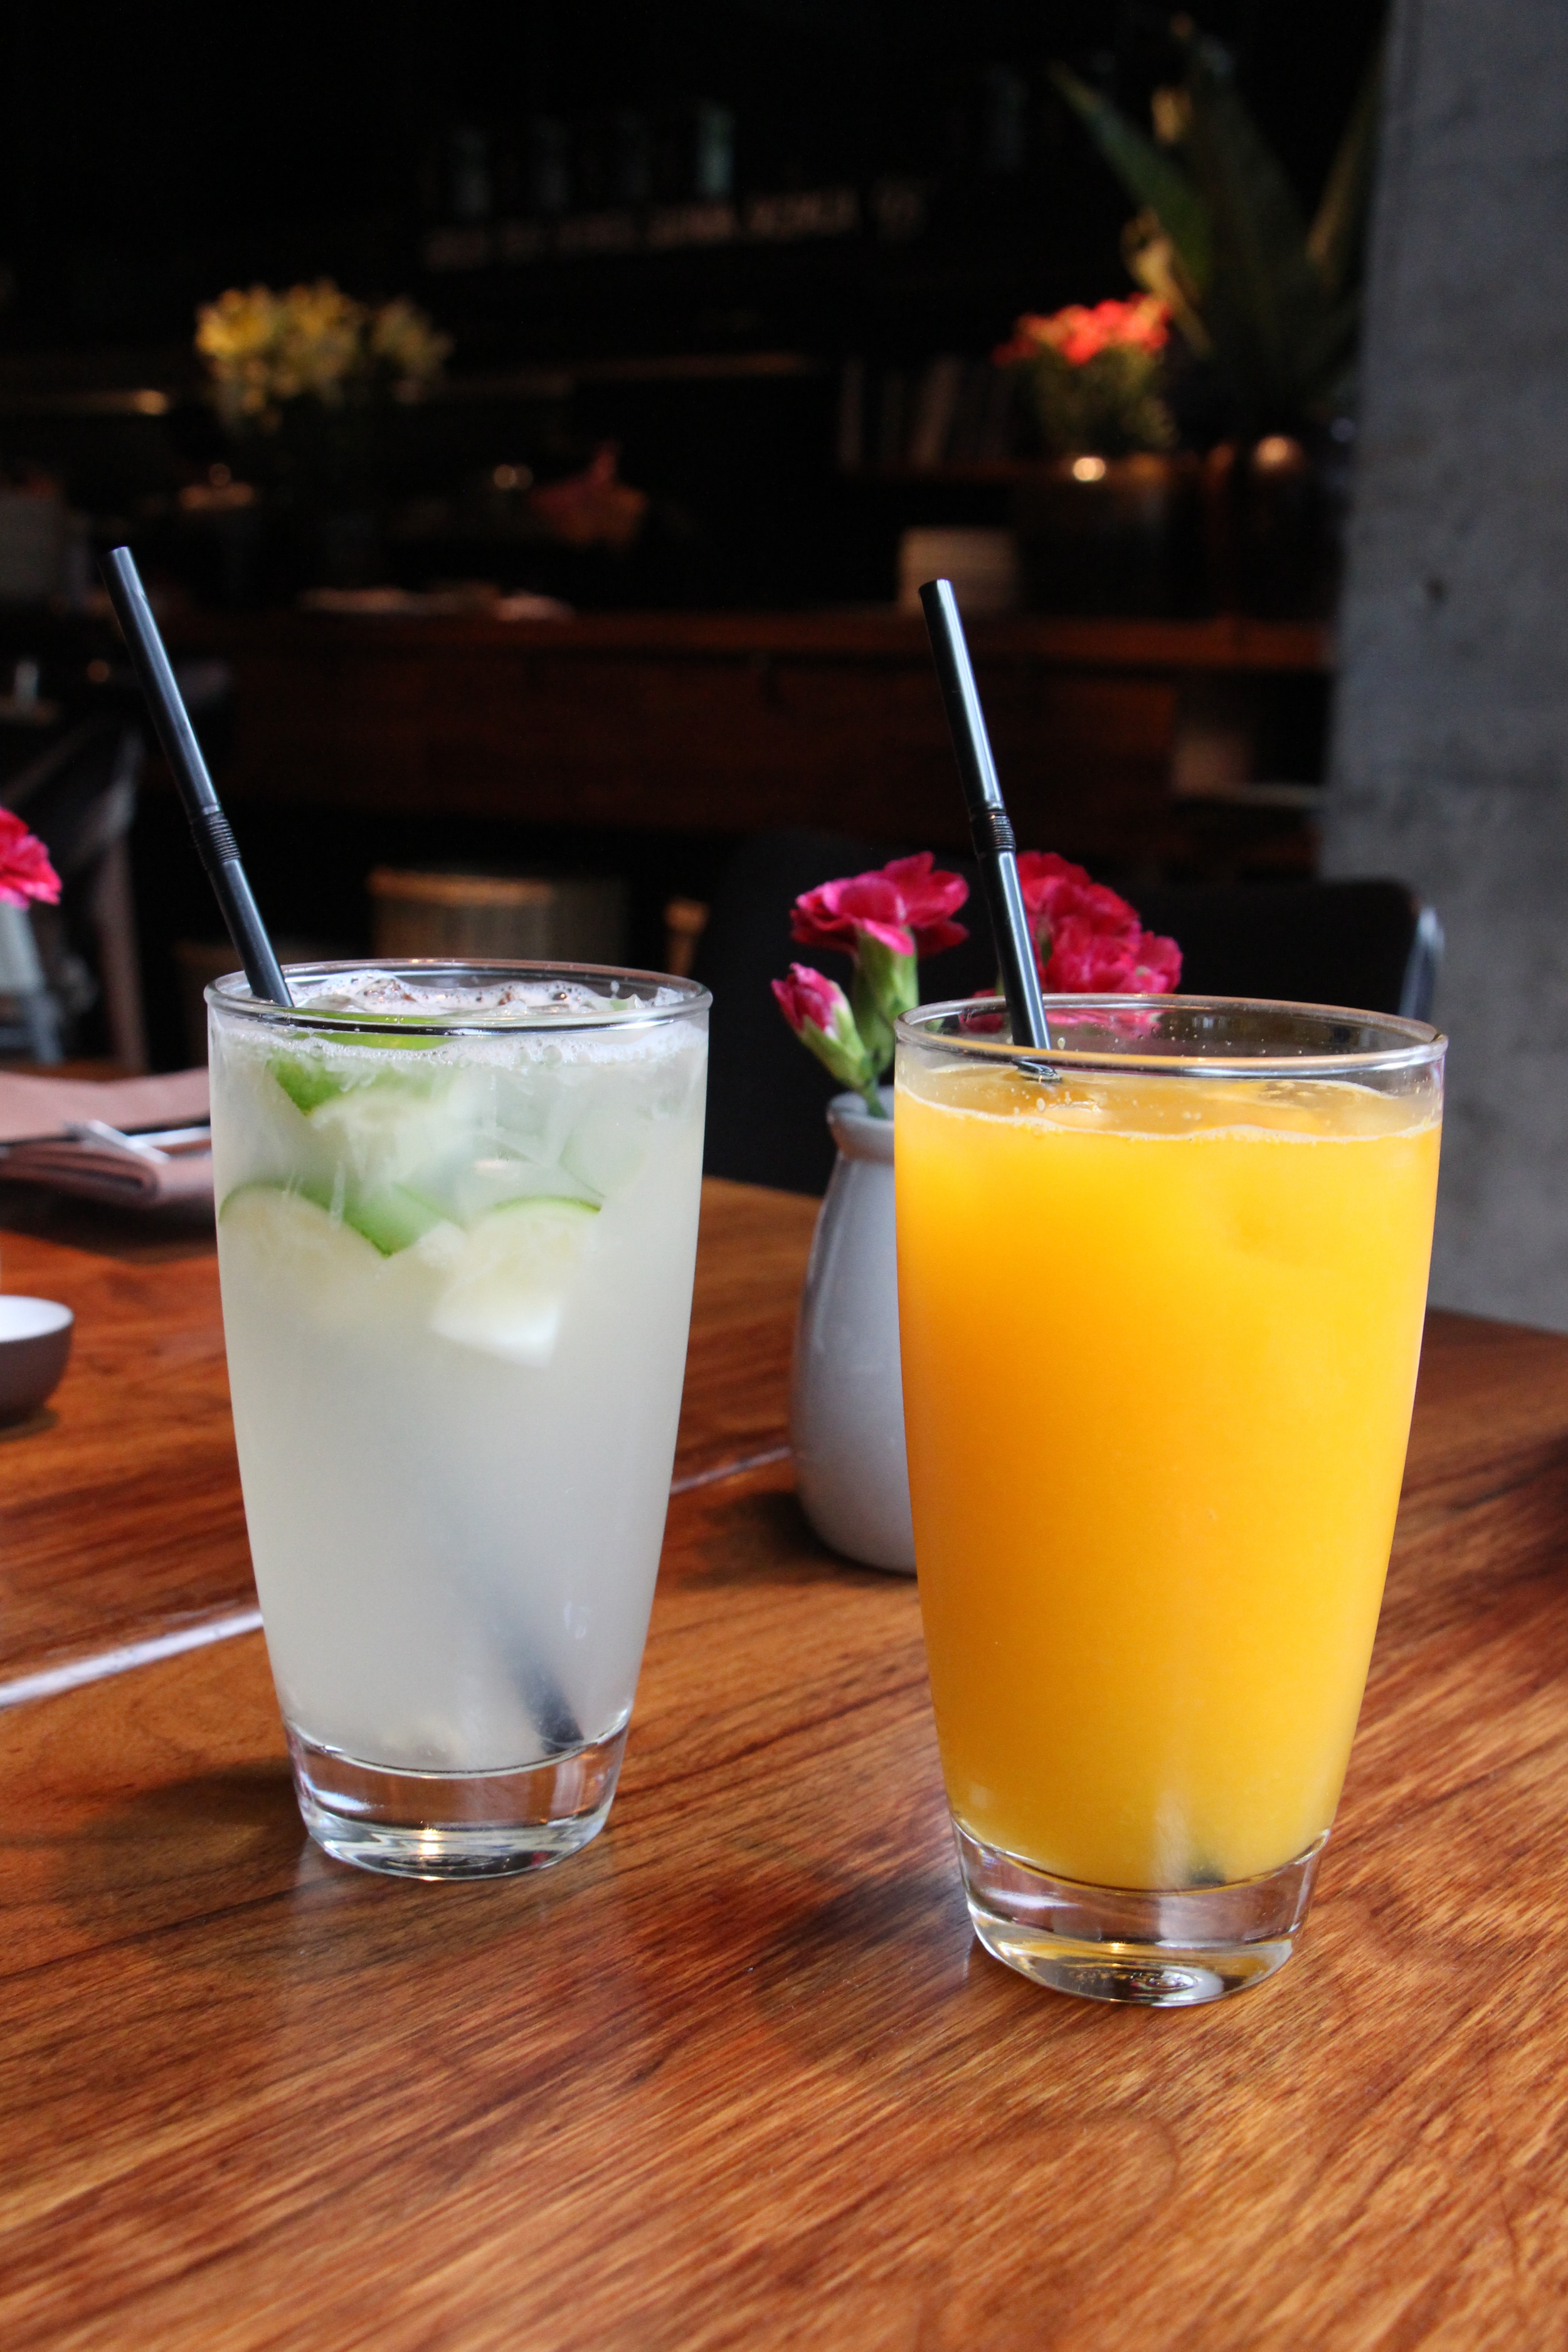 Lime Lemonade and Orange Juice